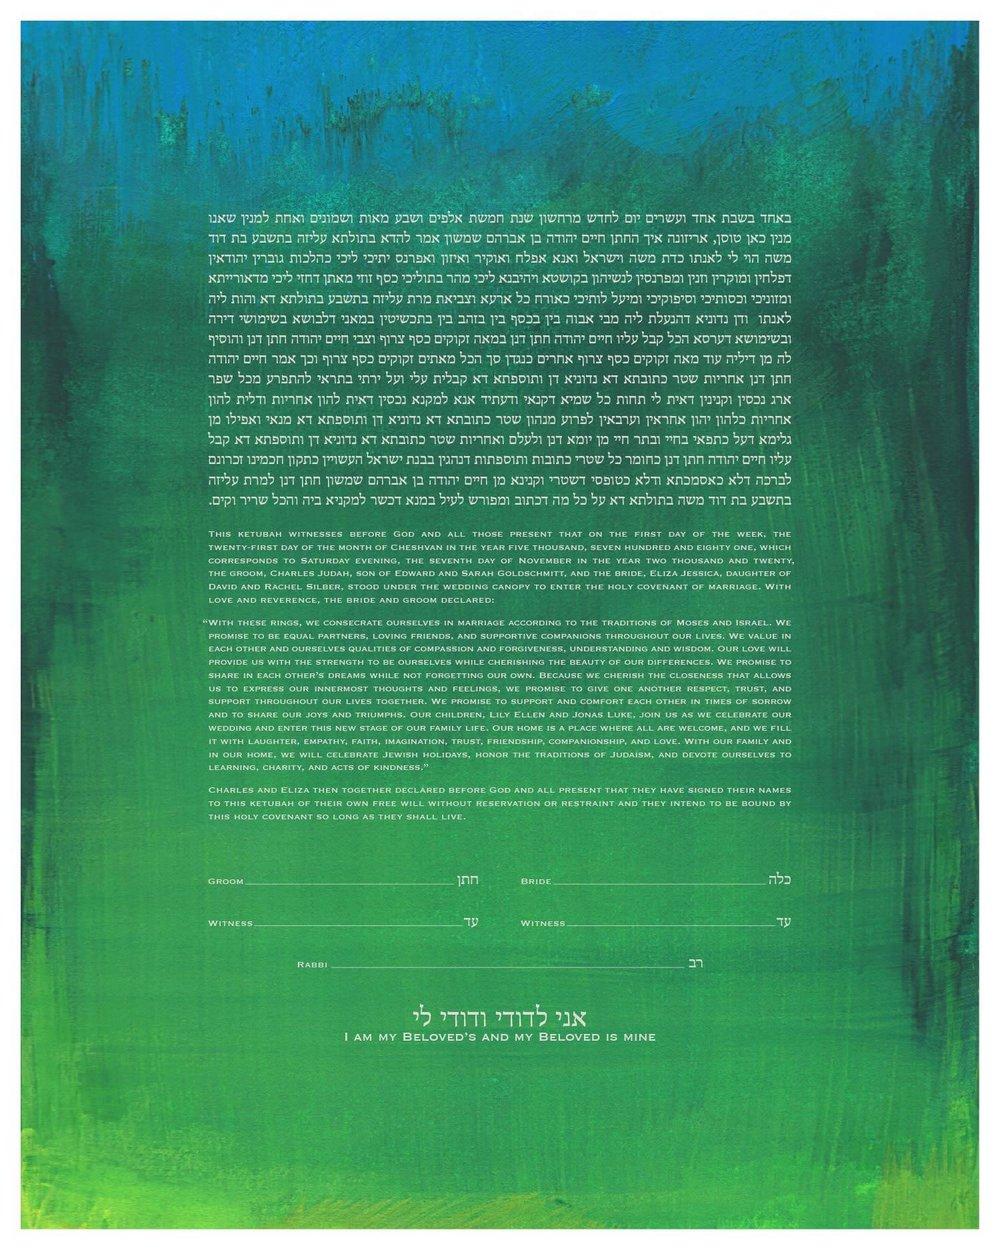 Green Ketubah.jpg